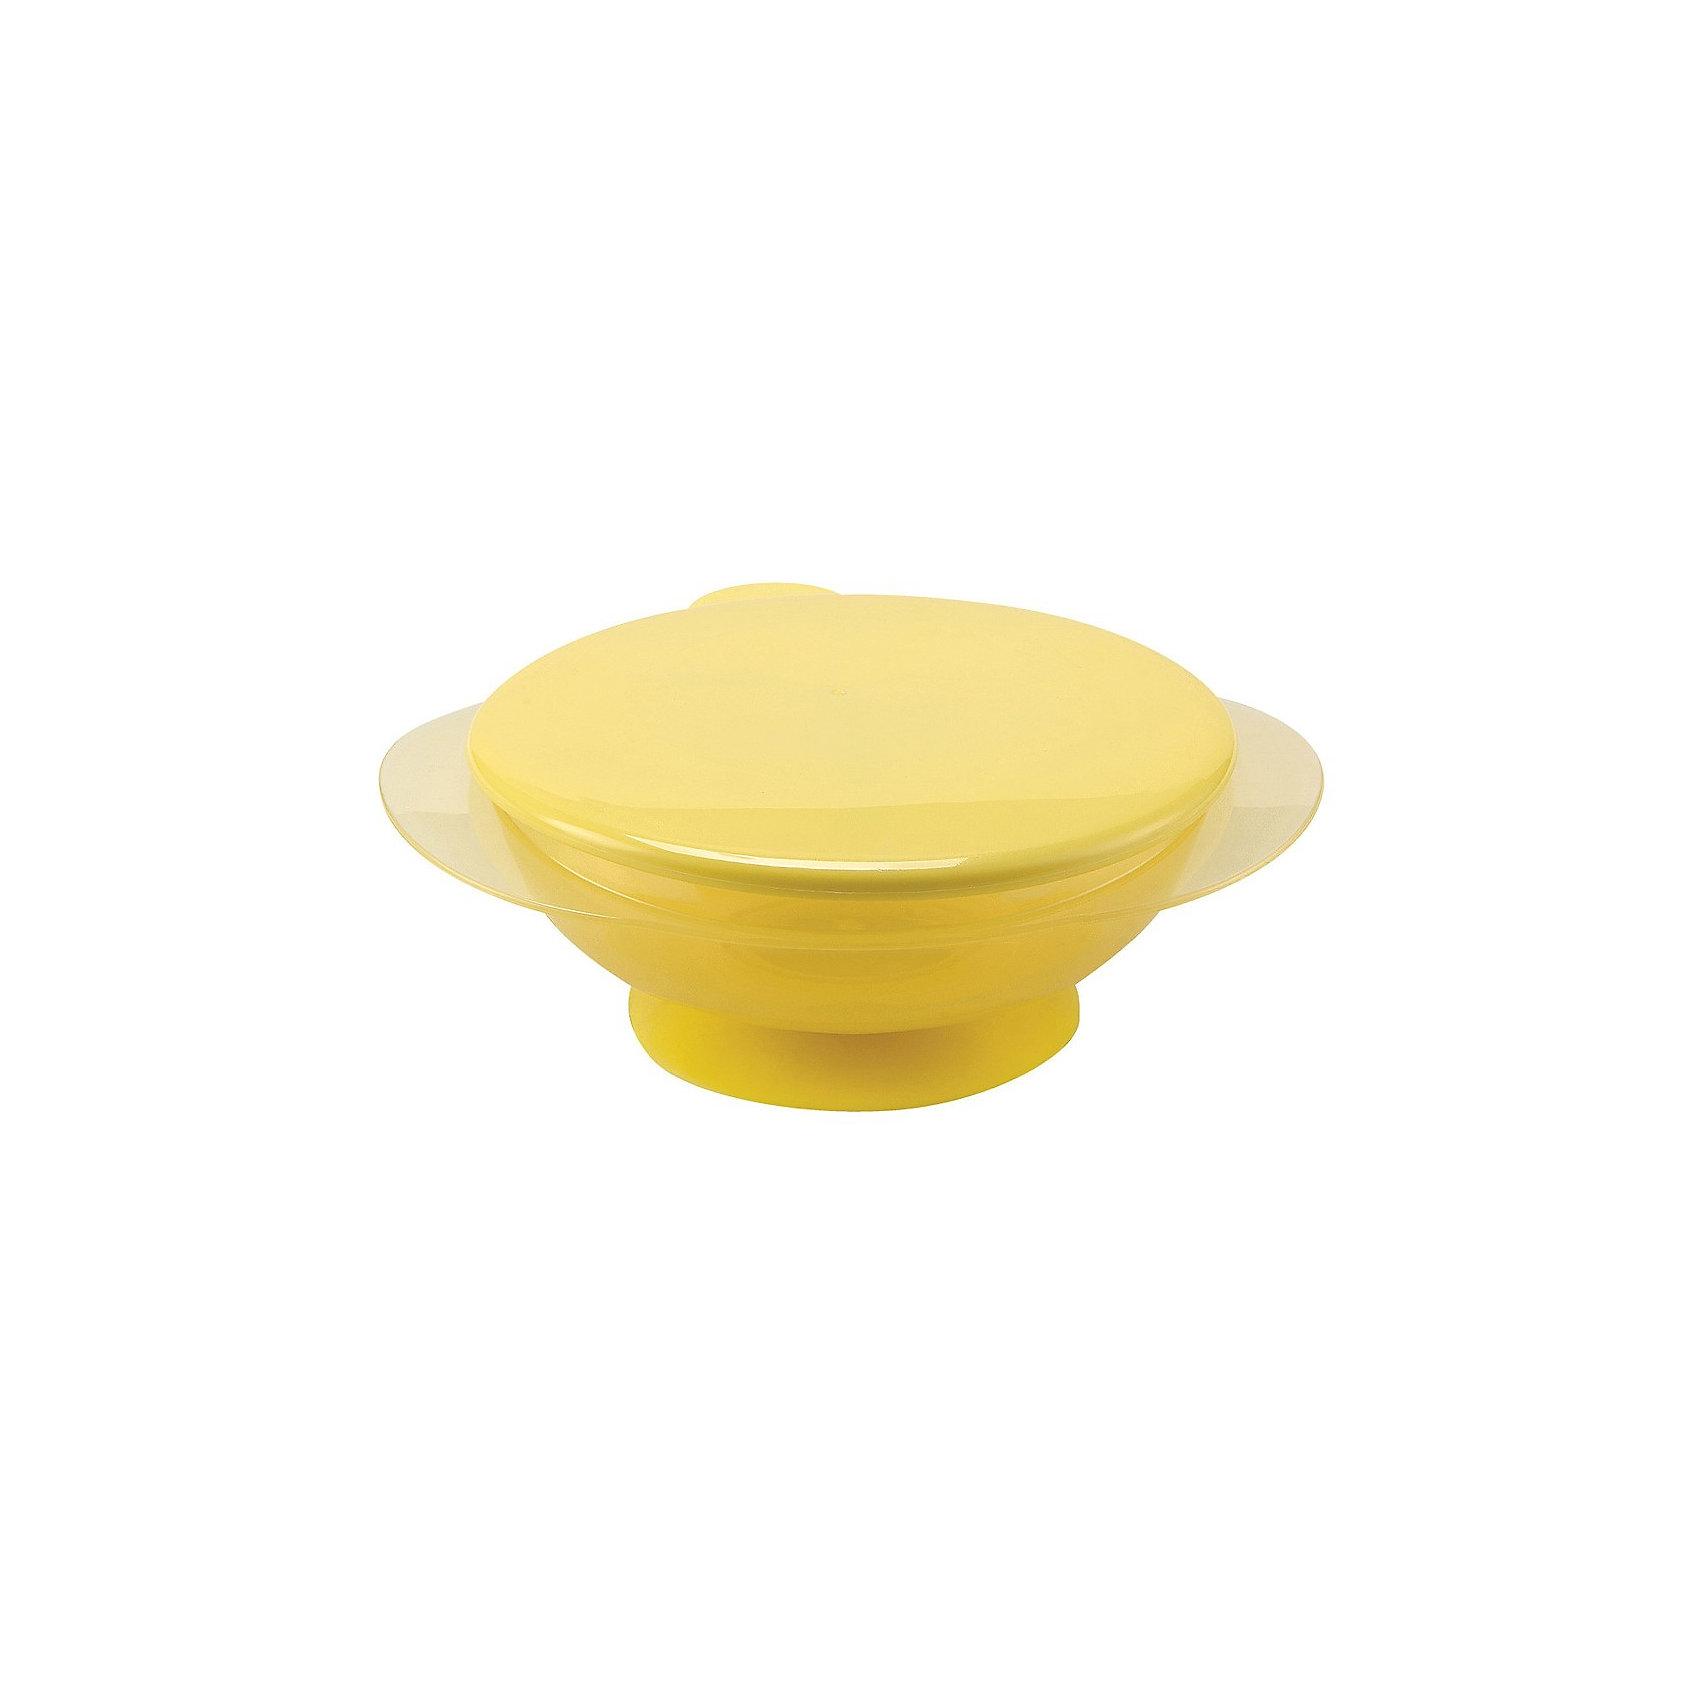 Тарелка на присоске с крышкой EAT &amp; CARRY, Happy Baby, жёлтыйДетская тарелка на присоске с крышкой EAT &amp; CARRY, Happy Baby (Хэппи Бэби), жёлтый - обязательно понравится вашему  малышу. <br>Детская тарелка на присоске с крышкой EAT &amp; CARRY яркая, заметная, красивая, ваш ребенок сразу ее полюбит. Тарелочка прозрачная – вы всегда увидите содержимое. Нескользящее дно с присоской позволяет зафиксировать ее на столике, а крышка пригодится, если вы собираетесь взять тарелку с собой в поездку, кроме того герметичная крышка сохраняет вкус и свежесть продуктов. Можно использовать как для горячей, так и для холодной пищи. Тарелка долго поддерживает температуру. У тарелки эргономичные мягкие ручки.<br><br>Дополнительная информация:<br><br>- Объем: 250 мл.<br>- Материал: полипропилен, термопластичный эластомер<br>- Не содержит бисфенол А<br>- Можно использовать в микроволновой печи<br>- Уход: мыть теплой водой с мылом, тщательно ополаскивать. Не кипятить<br>- Вымыть перед первым использованием<br><br>Детскую тарелку на присоске с крышкой EAT &amp; CARRY, Happy Baby (Хэппи Бэби), жёлтую можно купить в нашем интернет-магазине.<br><br>Ширина мм: 400<br>Глубина мм: 160<br>Высота мм: 290<br>Вес г: 125<br>Возраст от месяцев: 8<br>Возраст до месяцев: 36<br>Пол: Унисекс<br>Возраст: Детский<br>SKU: 3564189